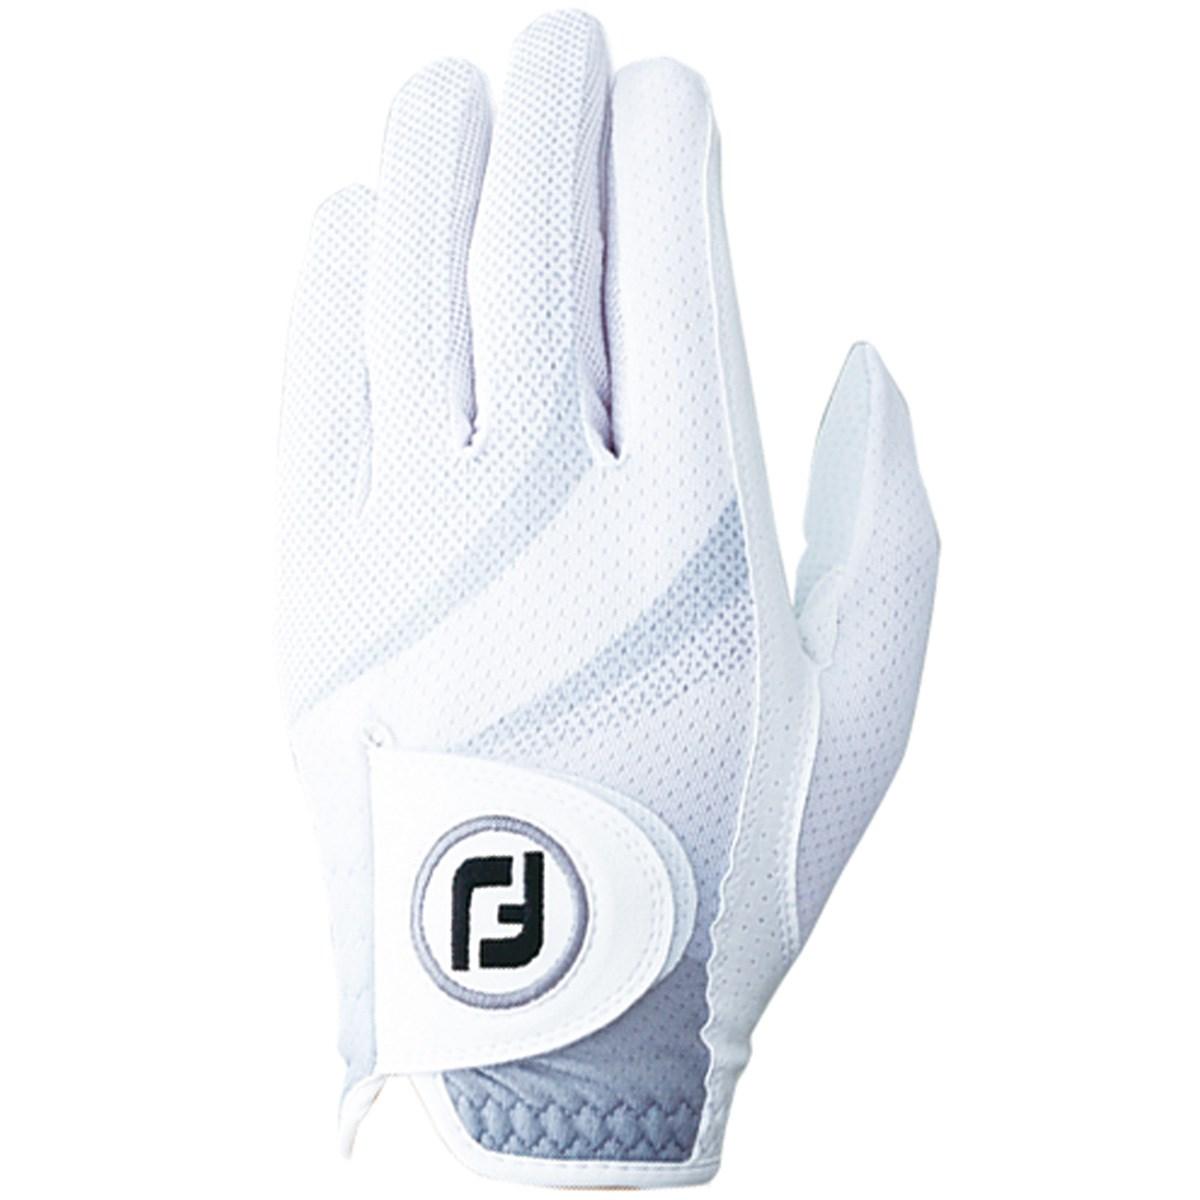 フットジョイ Foot Joy ステイクールEX グローブ 21cm 左手着用(右利き用) ホワイト/グレー